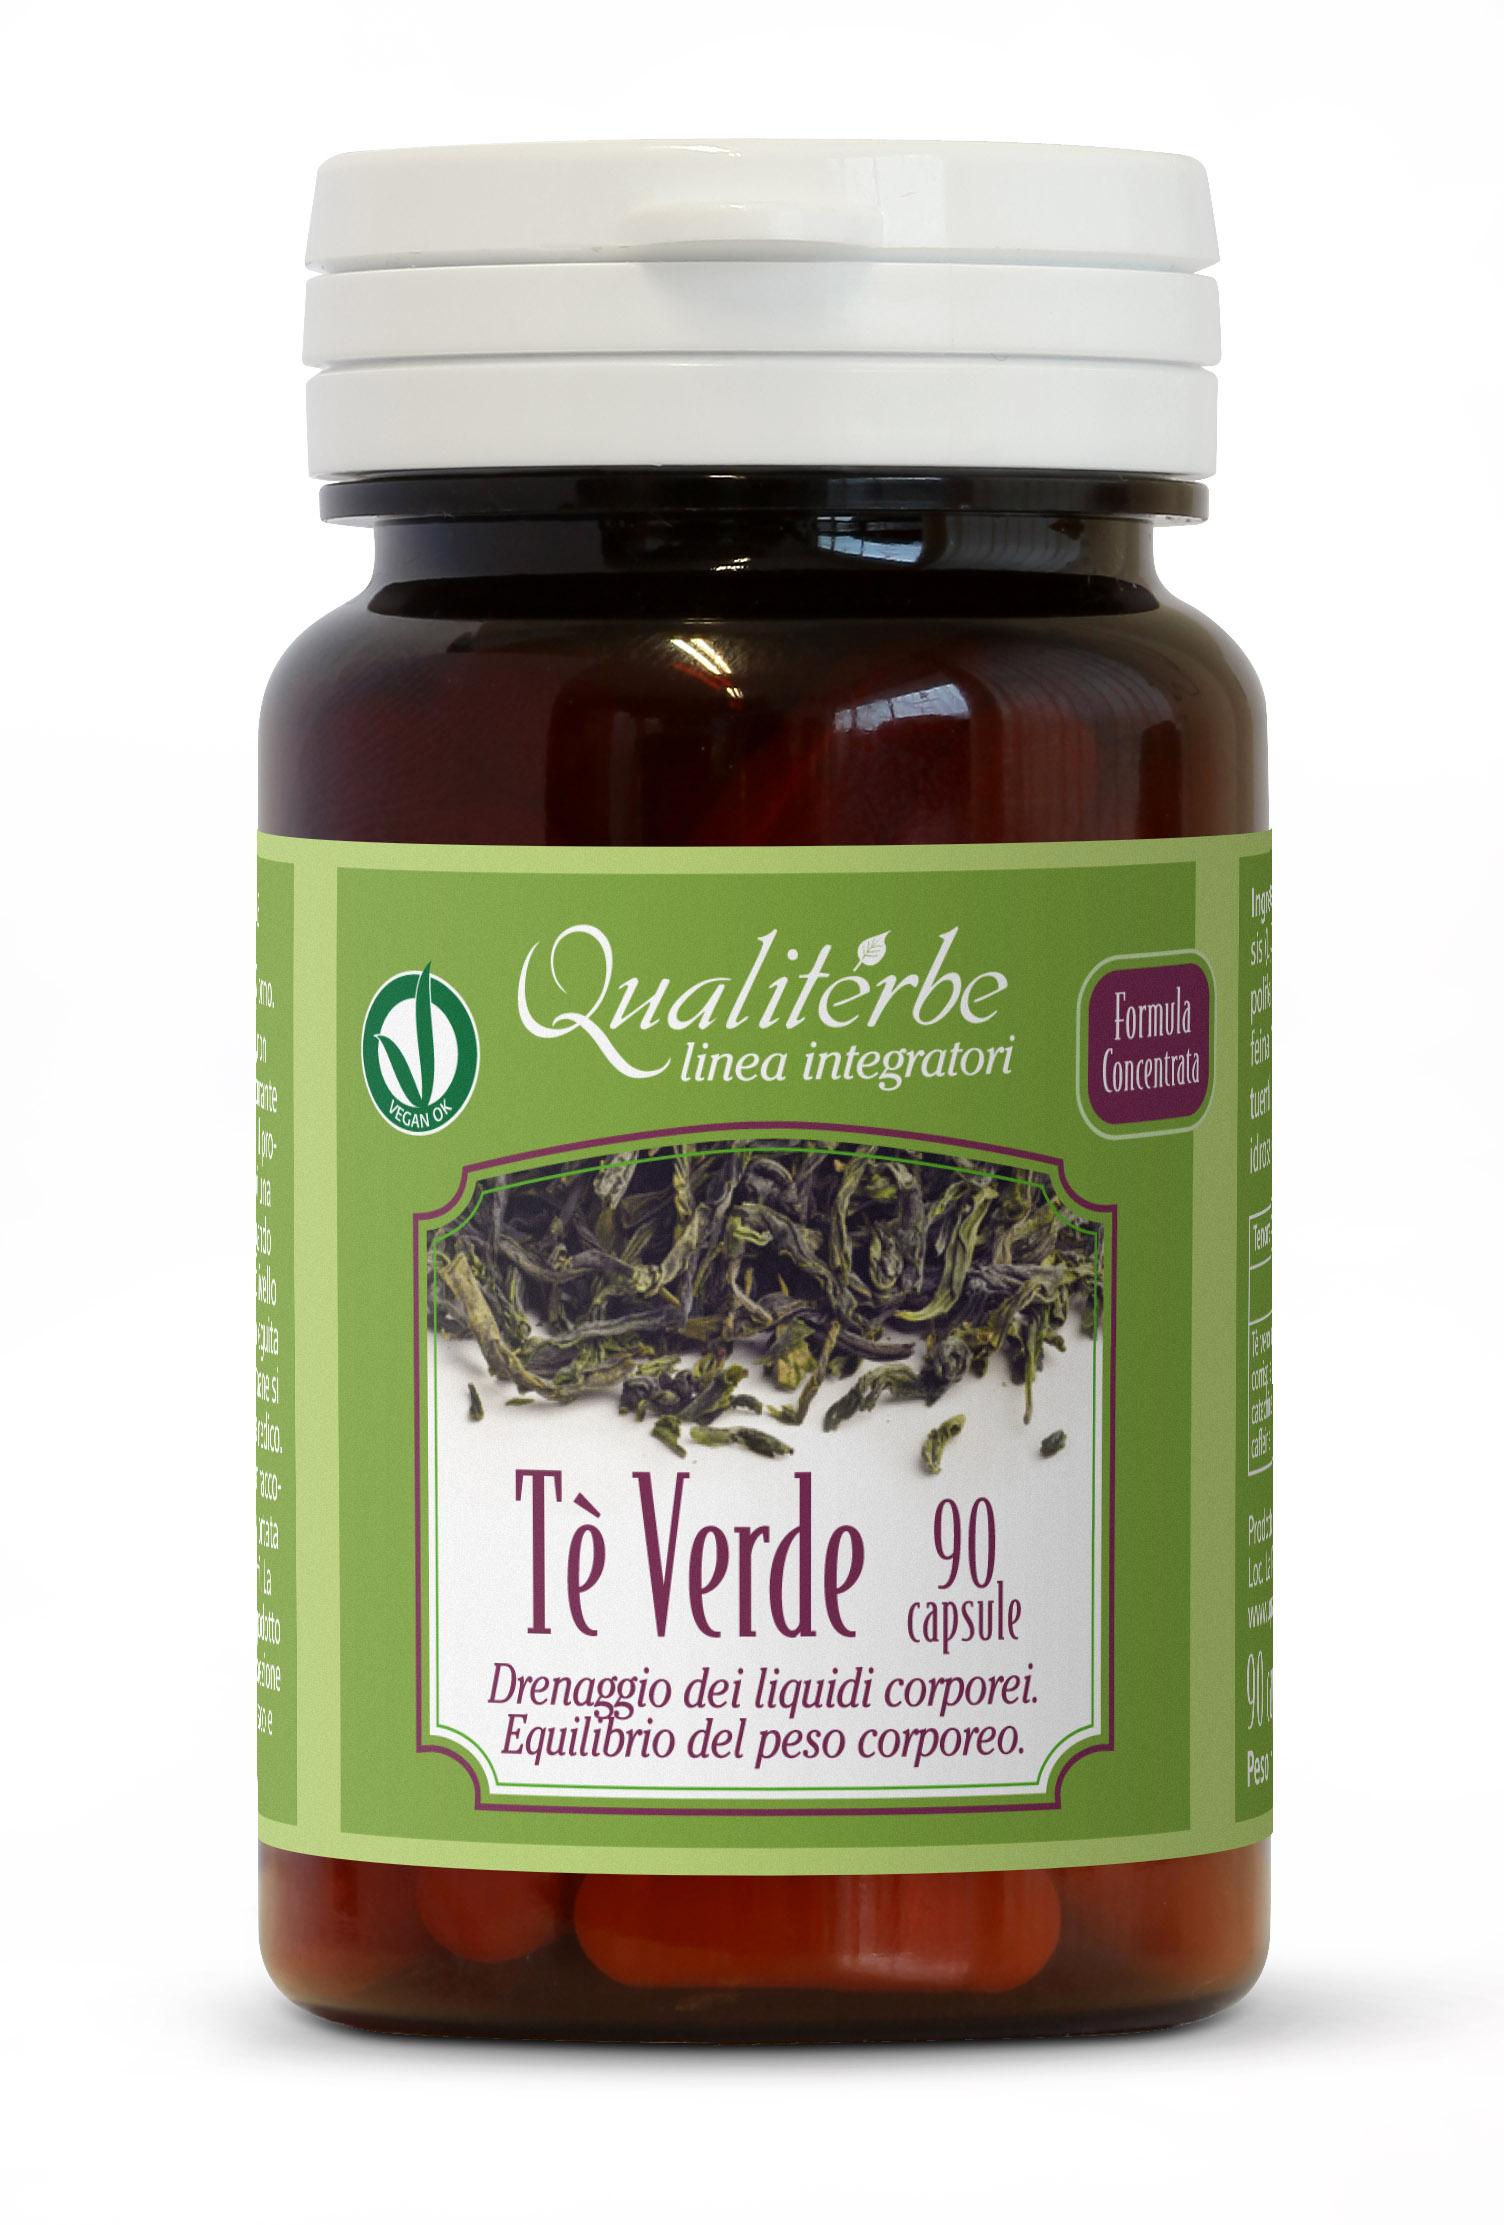 Qualiterbe - Tè Verde 90 Capsule